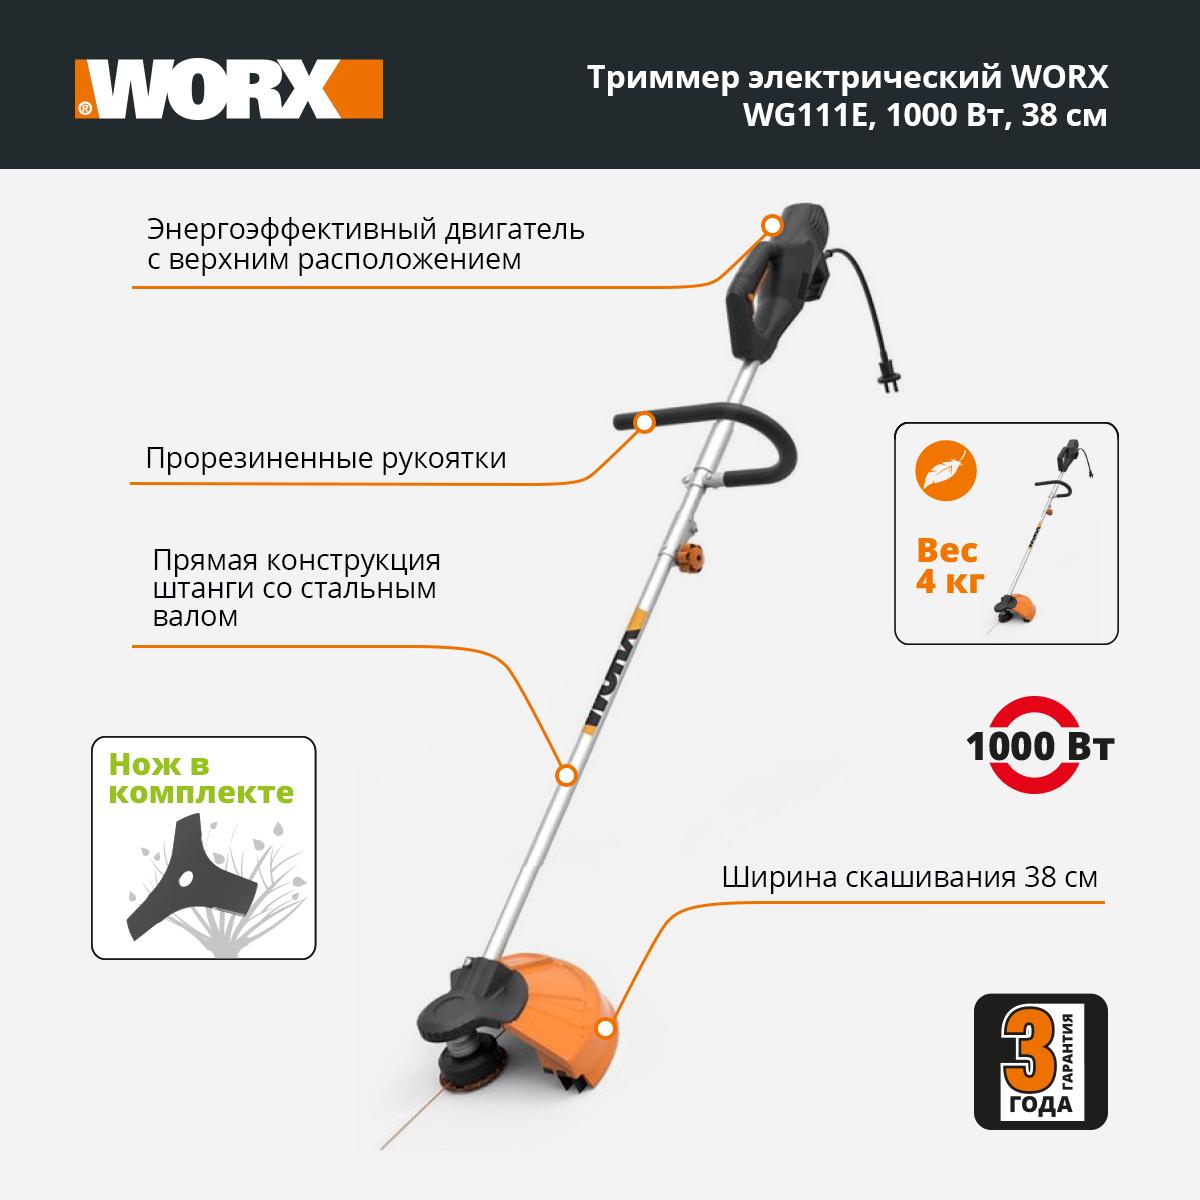 Тример электрический WORX WG111E 1000Вт